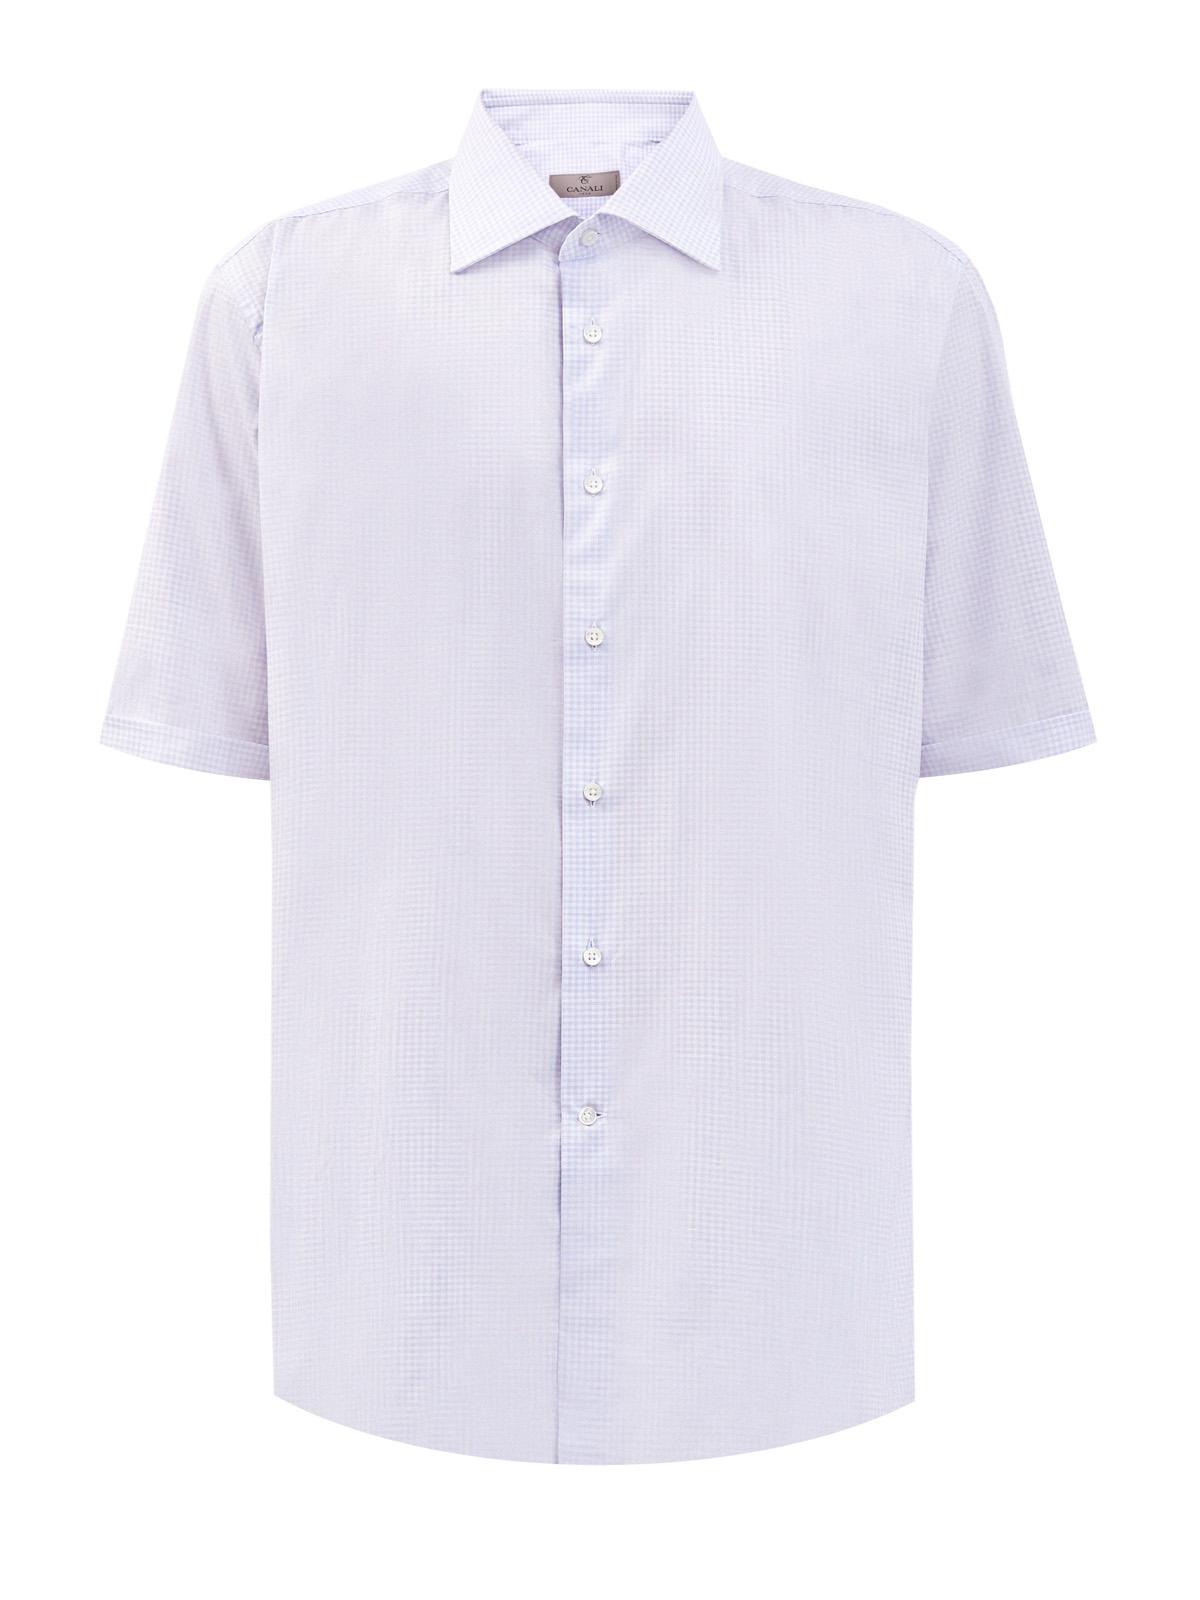 Рубашка из гладкого хлопка с микро-принтом в клетку виши